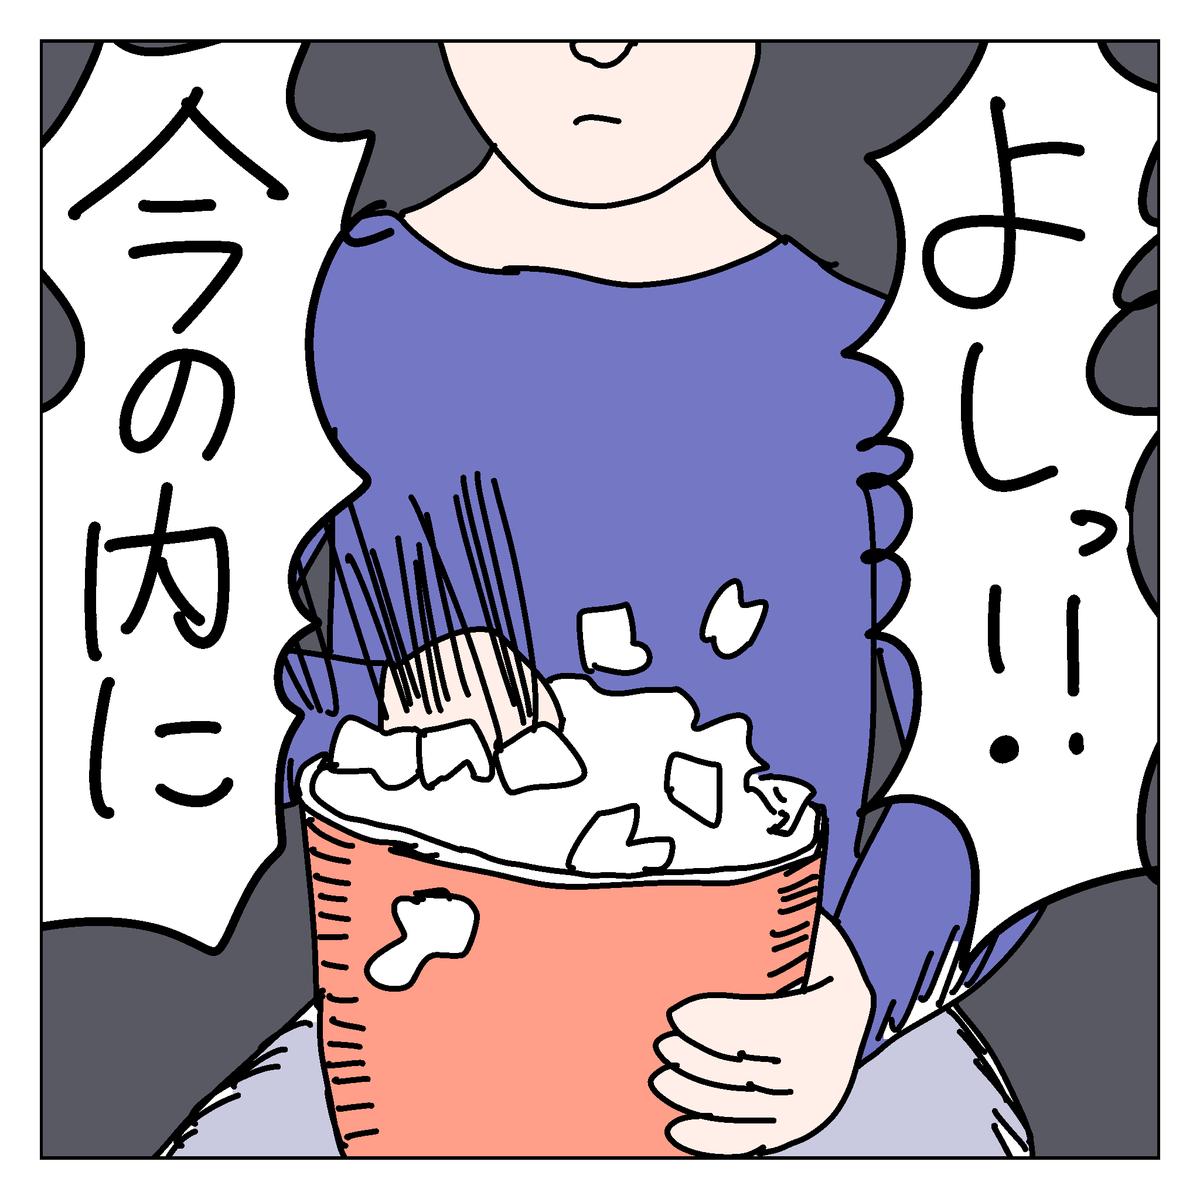 f:id:YuruFuwaTa:20200515120130p:plain